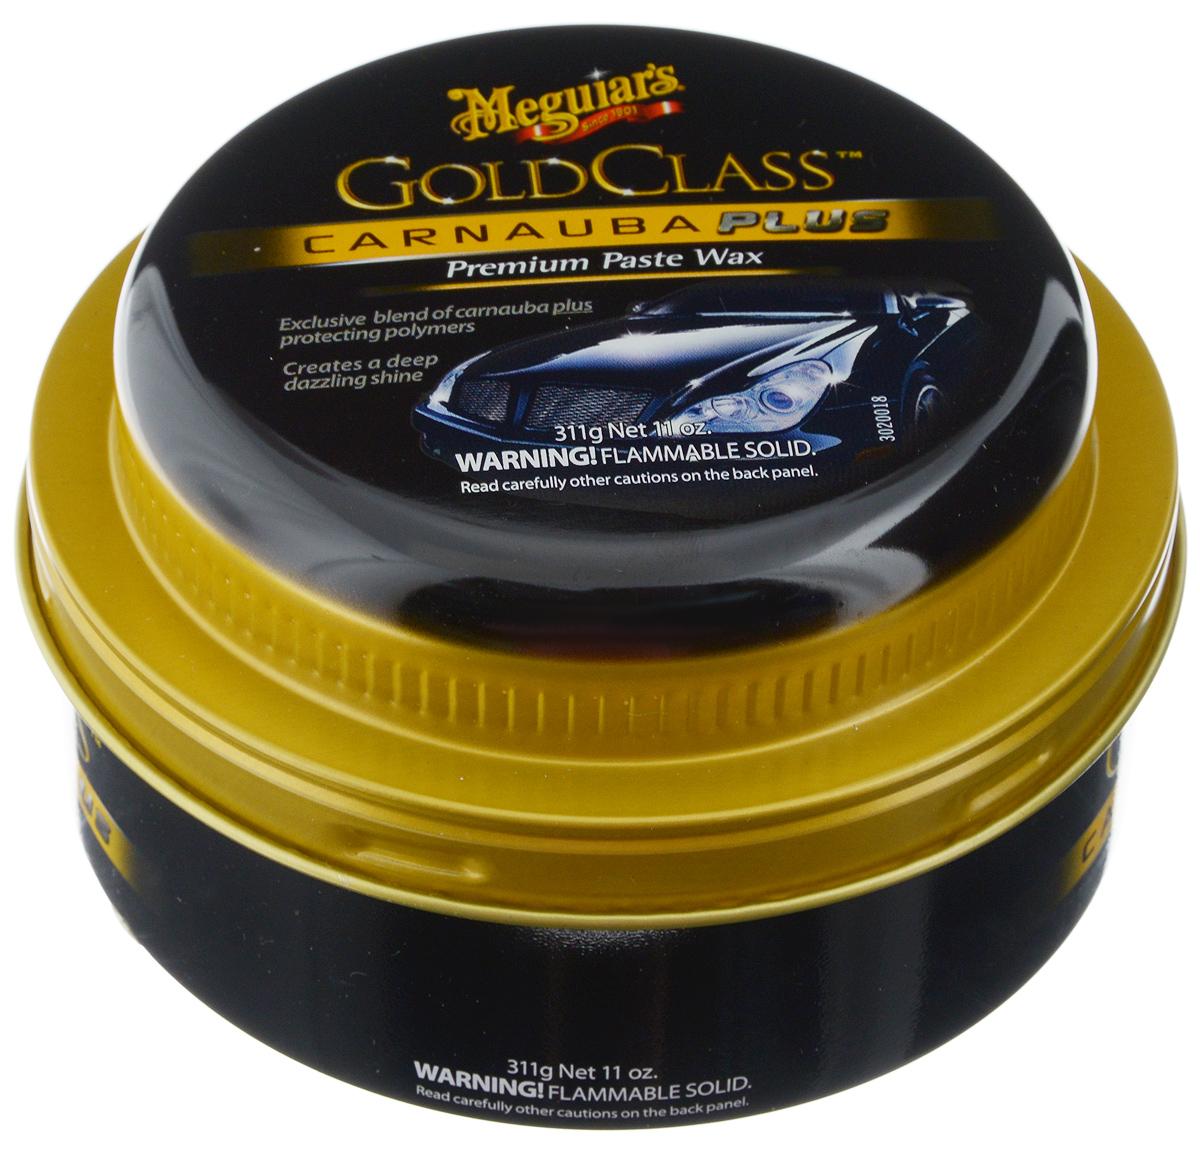 Полироль автомобильная Meguiars Gold Class, паста, 325 гRC-100BWCВысокоэффективная автомобильная полироль элитной линии Gold Class прекрасно очищает поверхность, удаляет тонкие царапины. Легкое в использовании средство. Придает цвету интенсивность, поверхности автомобиля - ослепительный зеркальный блеск. Содержит полирующие масла, уменьшающие вред от воздействия ультрафиолетового излучения. Создает надежное долговечное полимерное защитное покрытие.Товар сертифицирован.